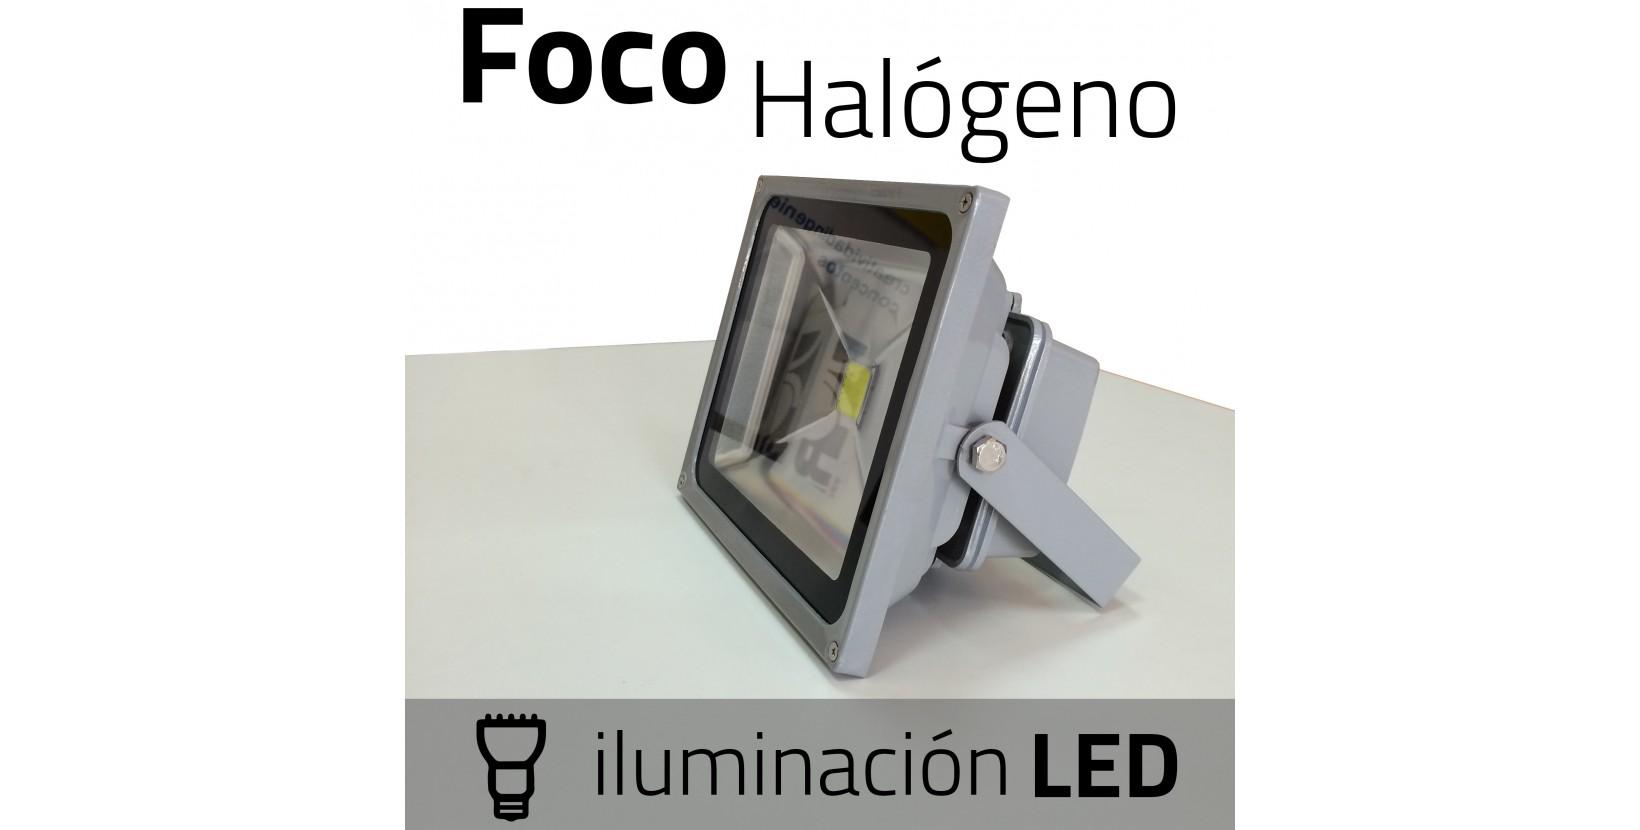 Foco hal geno led - Focos halogenos led ...